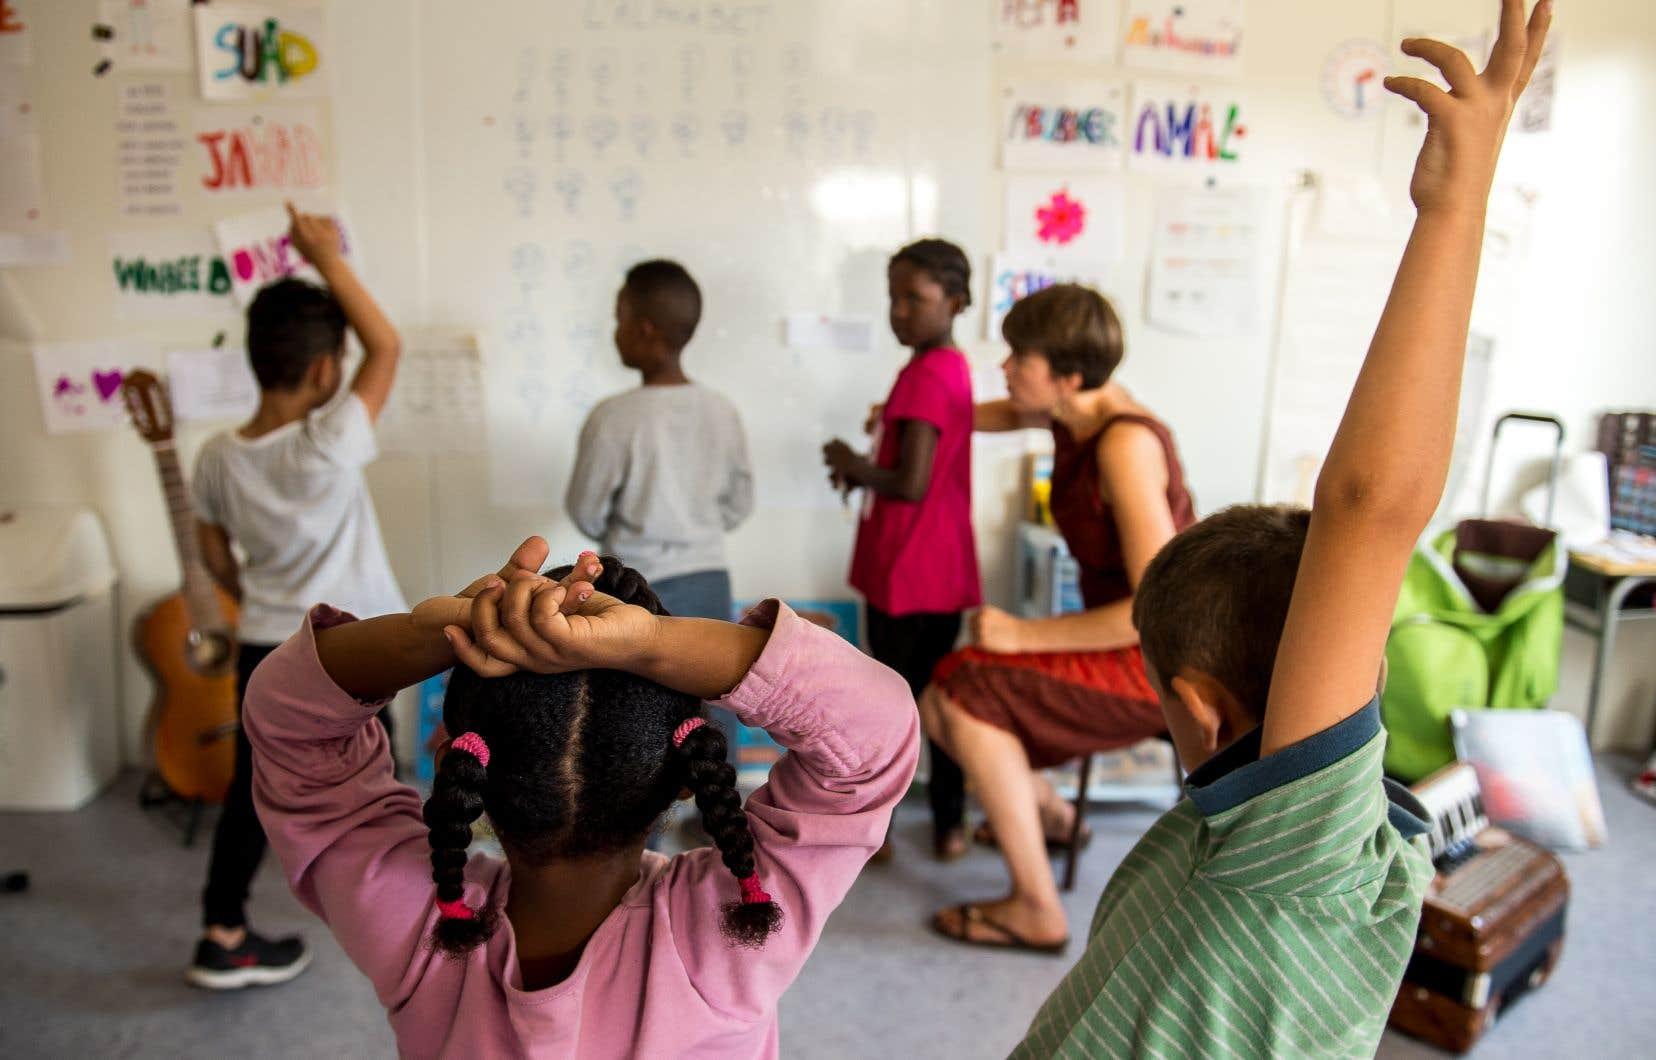 Les commissions scolaires ont le choix d'ouvrir des classes d'accueil ou d'intégrer les enfants en classe ordinaire avec un soutien ponctuel en francisation, à raison de quelques heures par semaine.